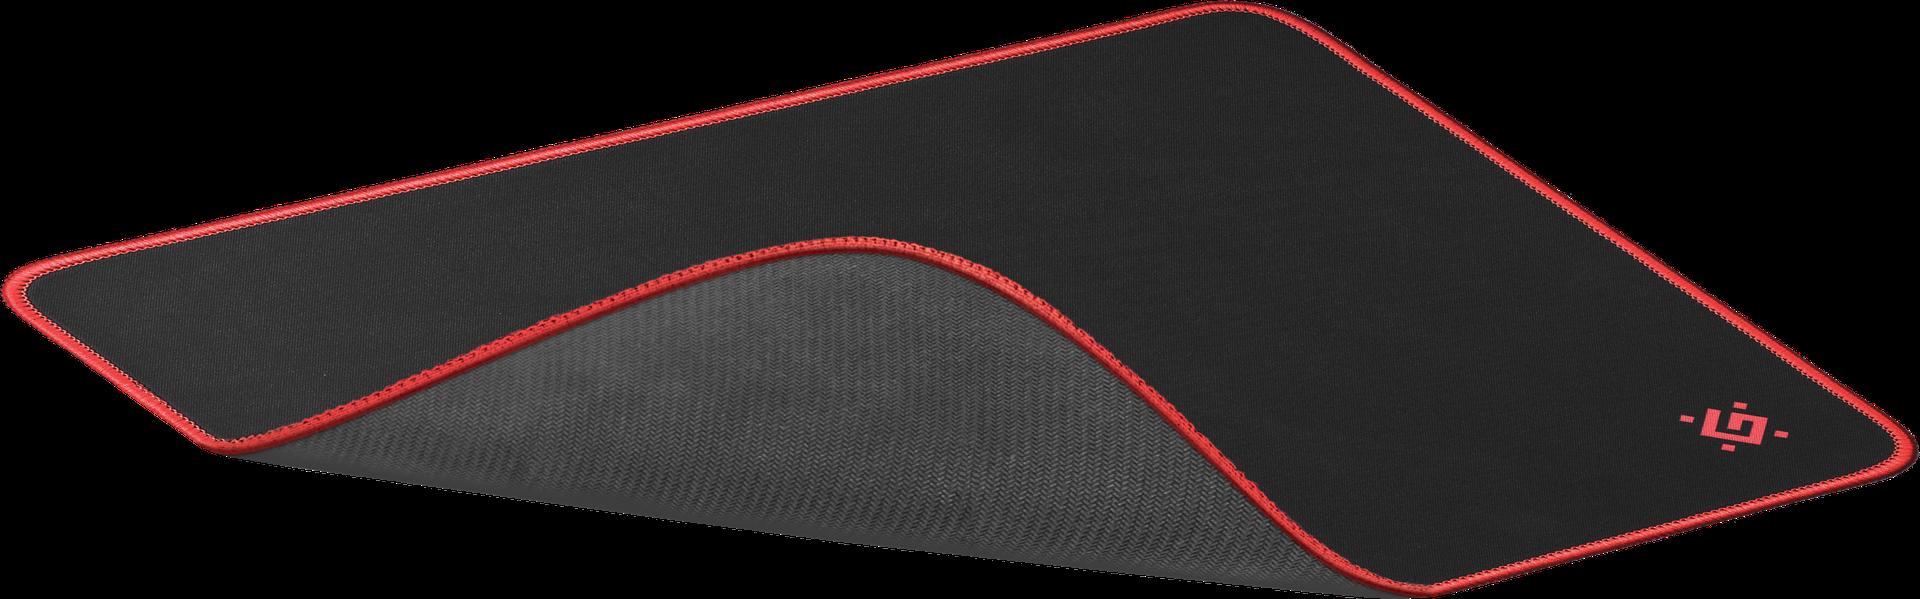 Herní podložka Redragon Dragon Rage M v kombinaci přírodního kaučuku a hedvábí, která zvyšuje přesnost a reakci herních myší, rozměry 360x270x3mm, praktické balení v tubě.